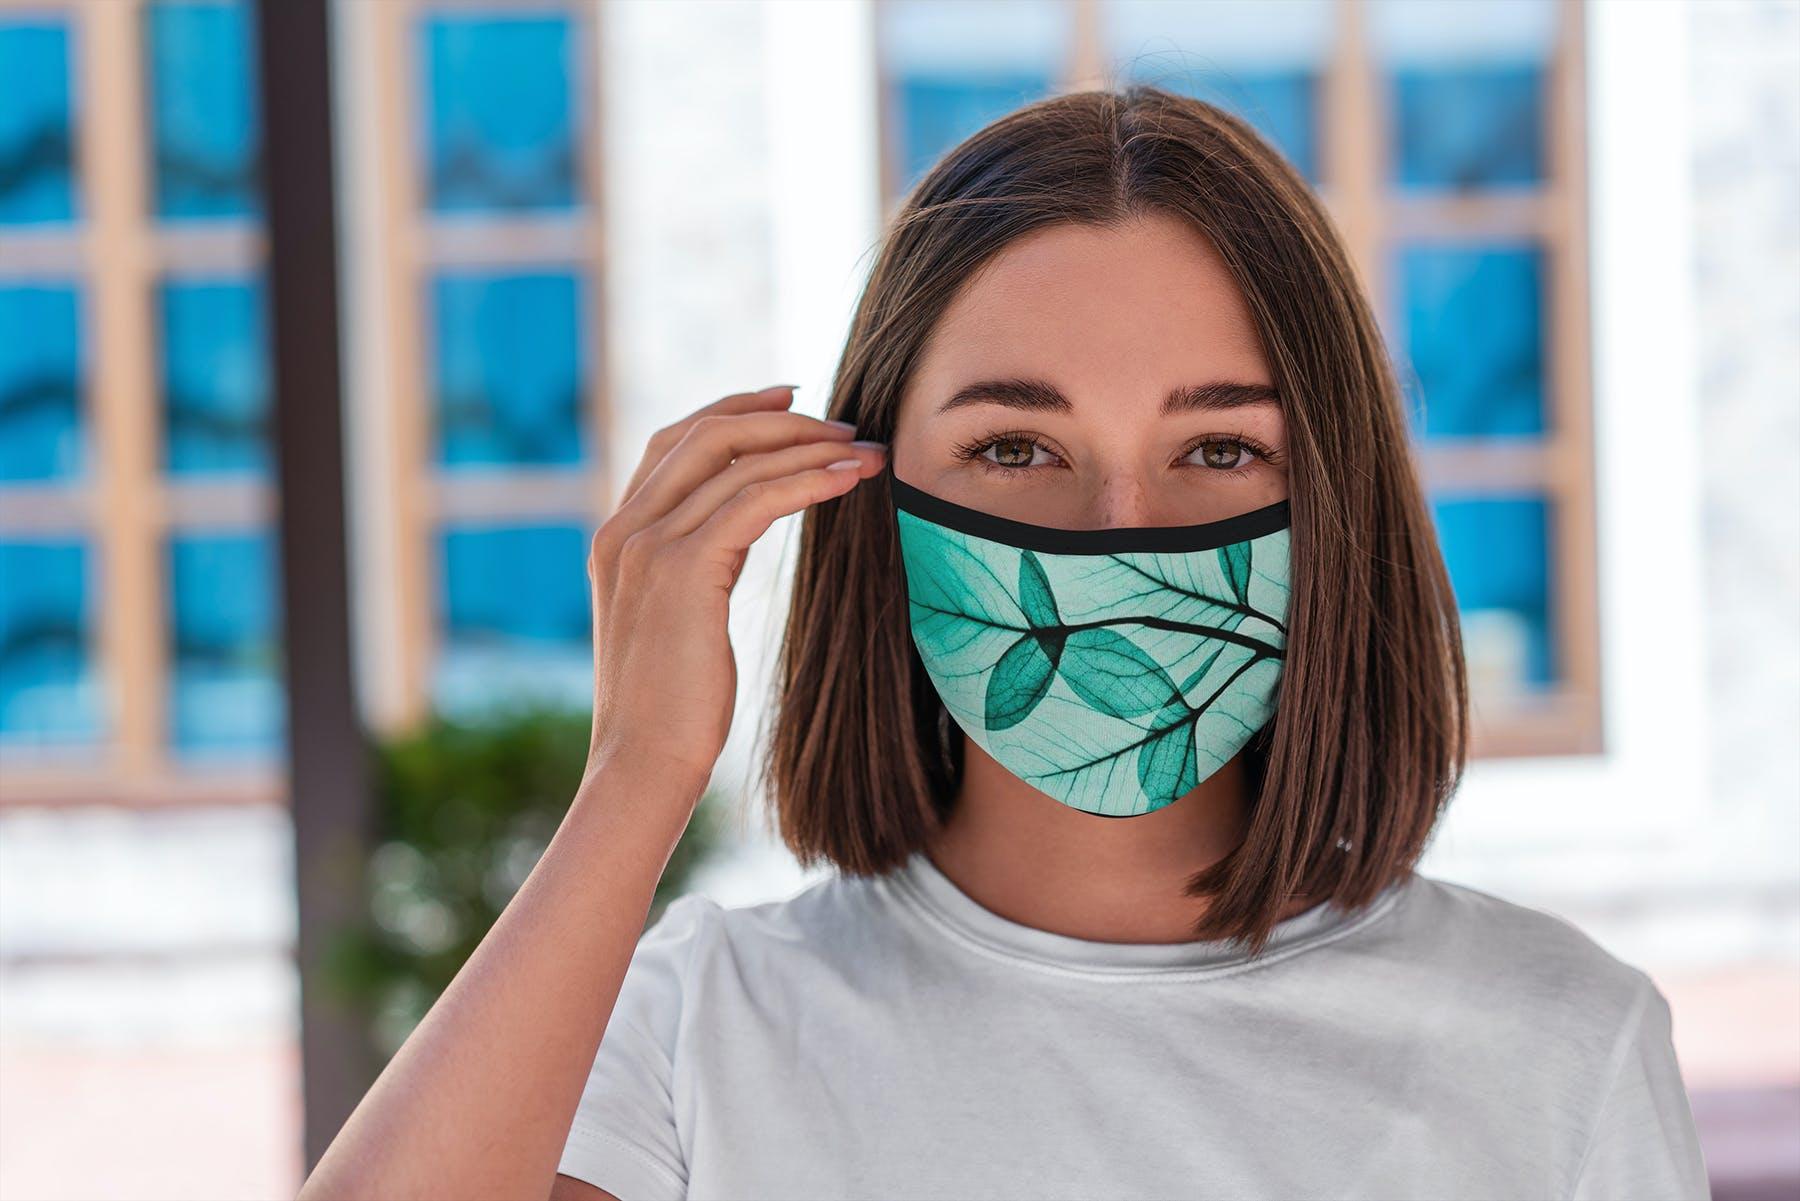 17款防护面罩口罩印花设计展示样机模板 Face Mask Mockup Edges Model插图(12)